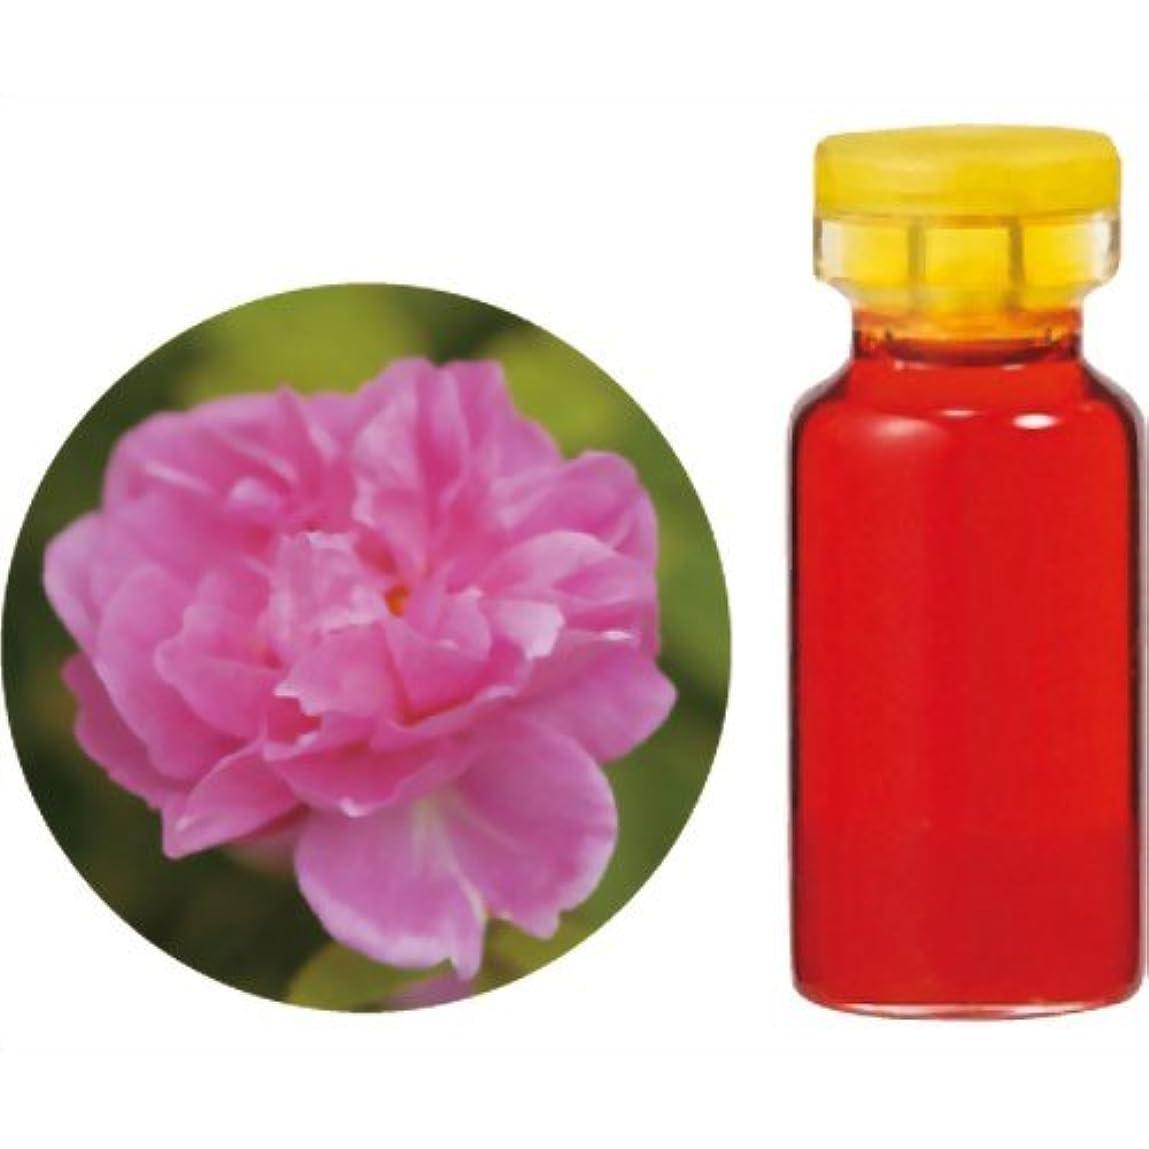 秘書依存する母性生活の木 Herbal Life 花精油 ダマスクローズAbs.(モロッコ産) 3ml